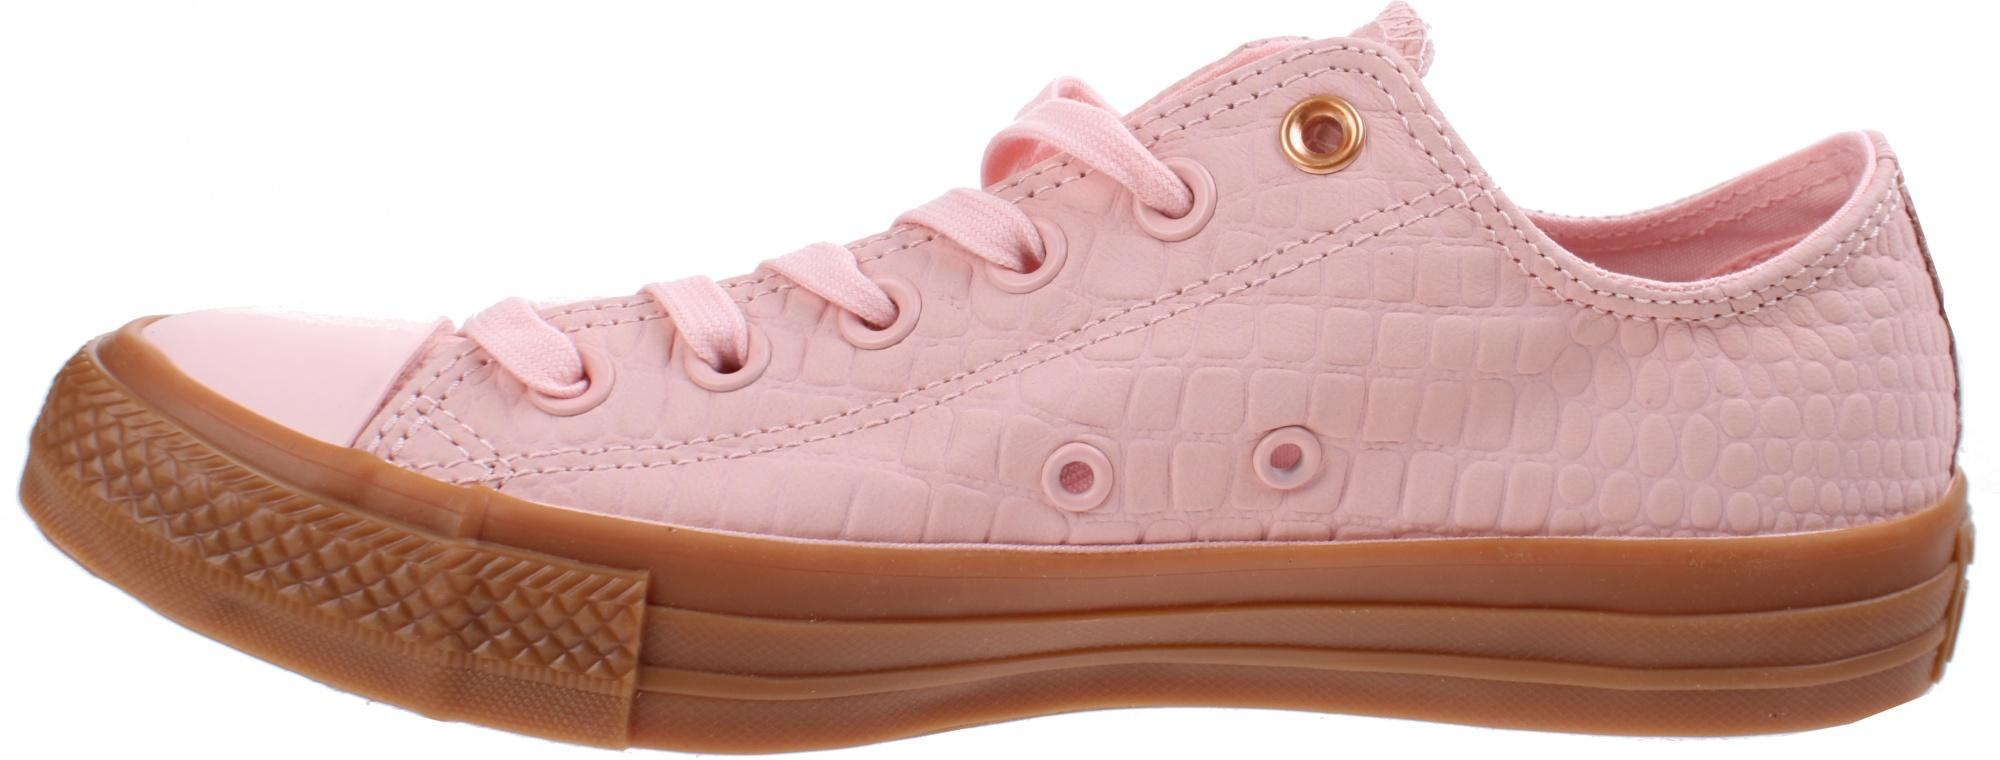 0a7fe303d76 Converse sneakers Ctas Ox Vapor dames roze - Giga-Bikes Tilburg